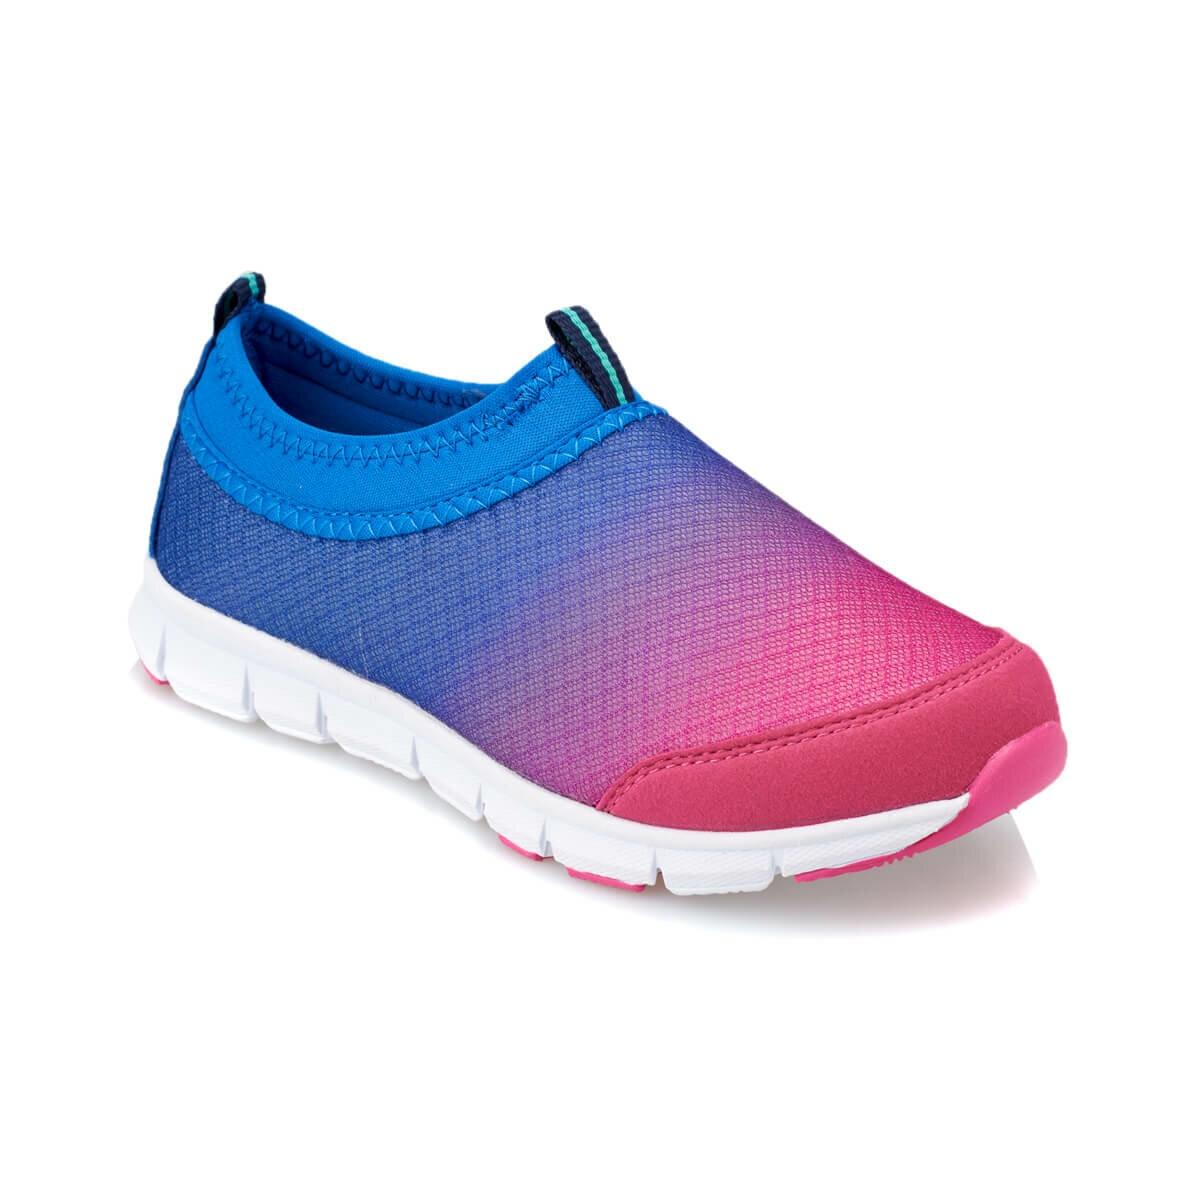 FLO VOTEN J Multicolour Female Child Shoes KINETIX